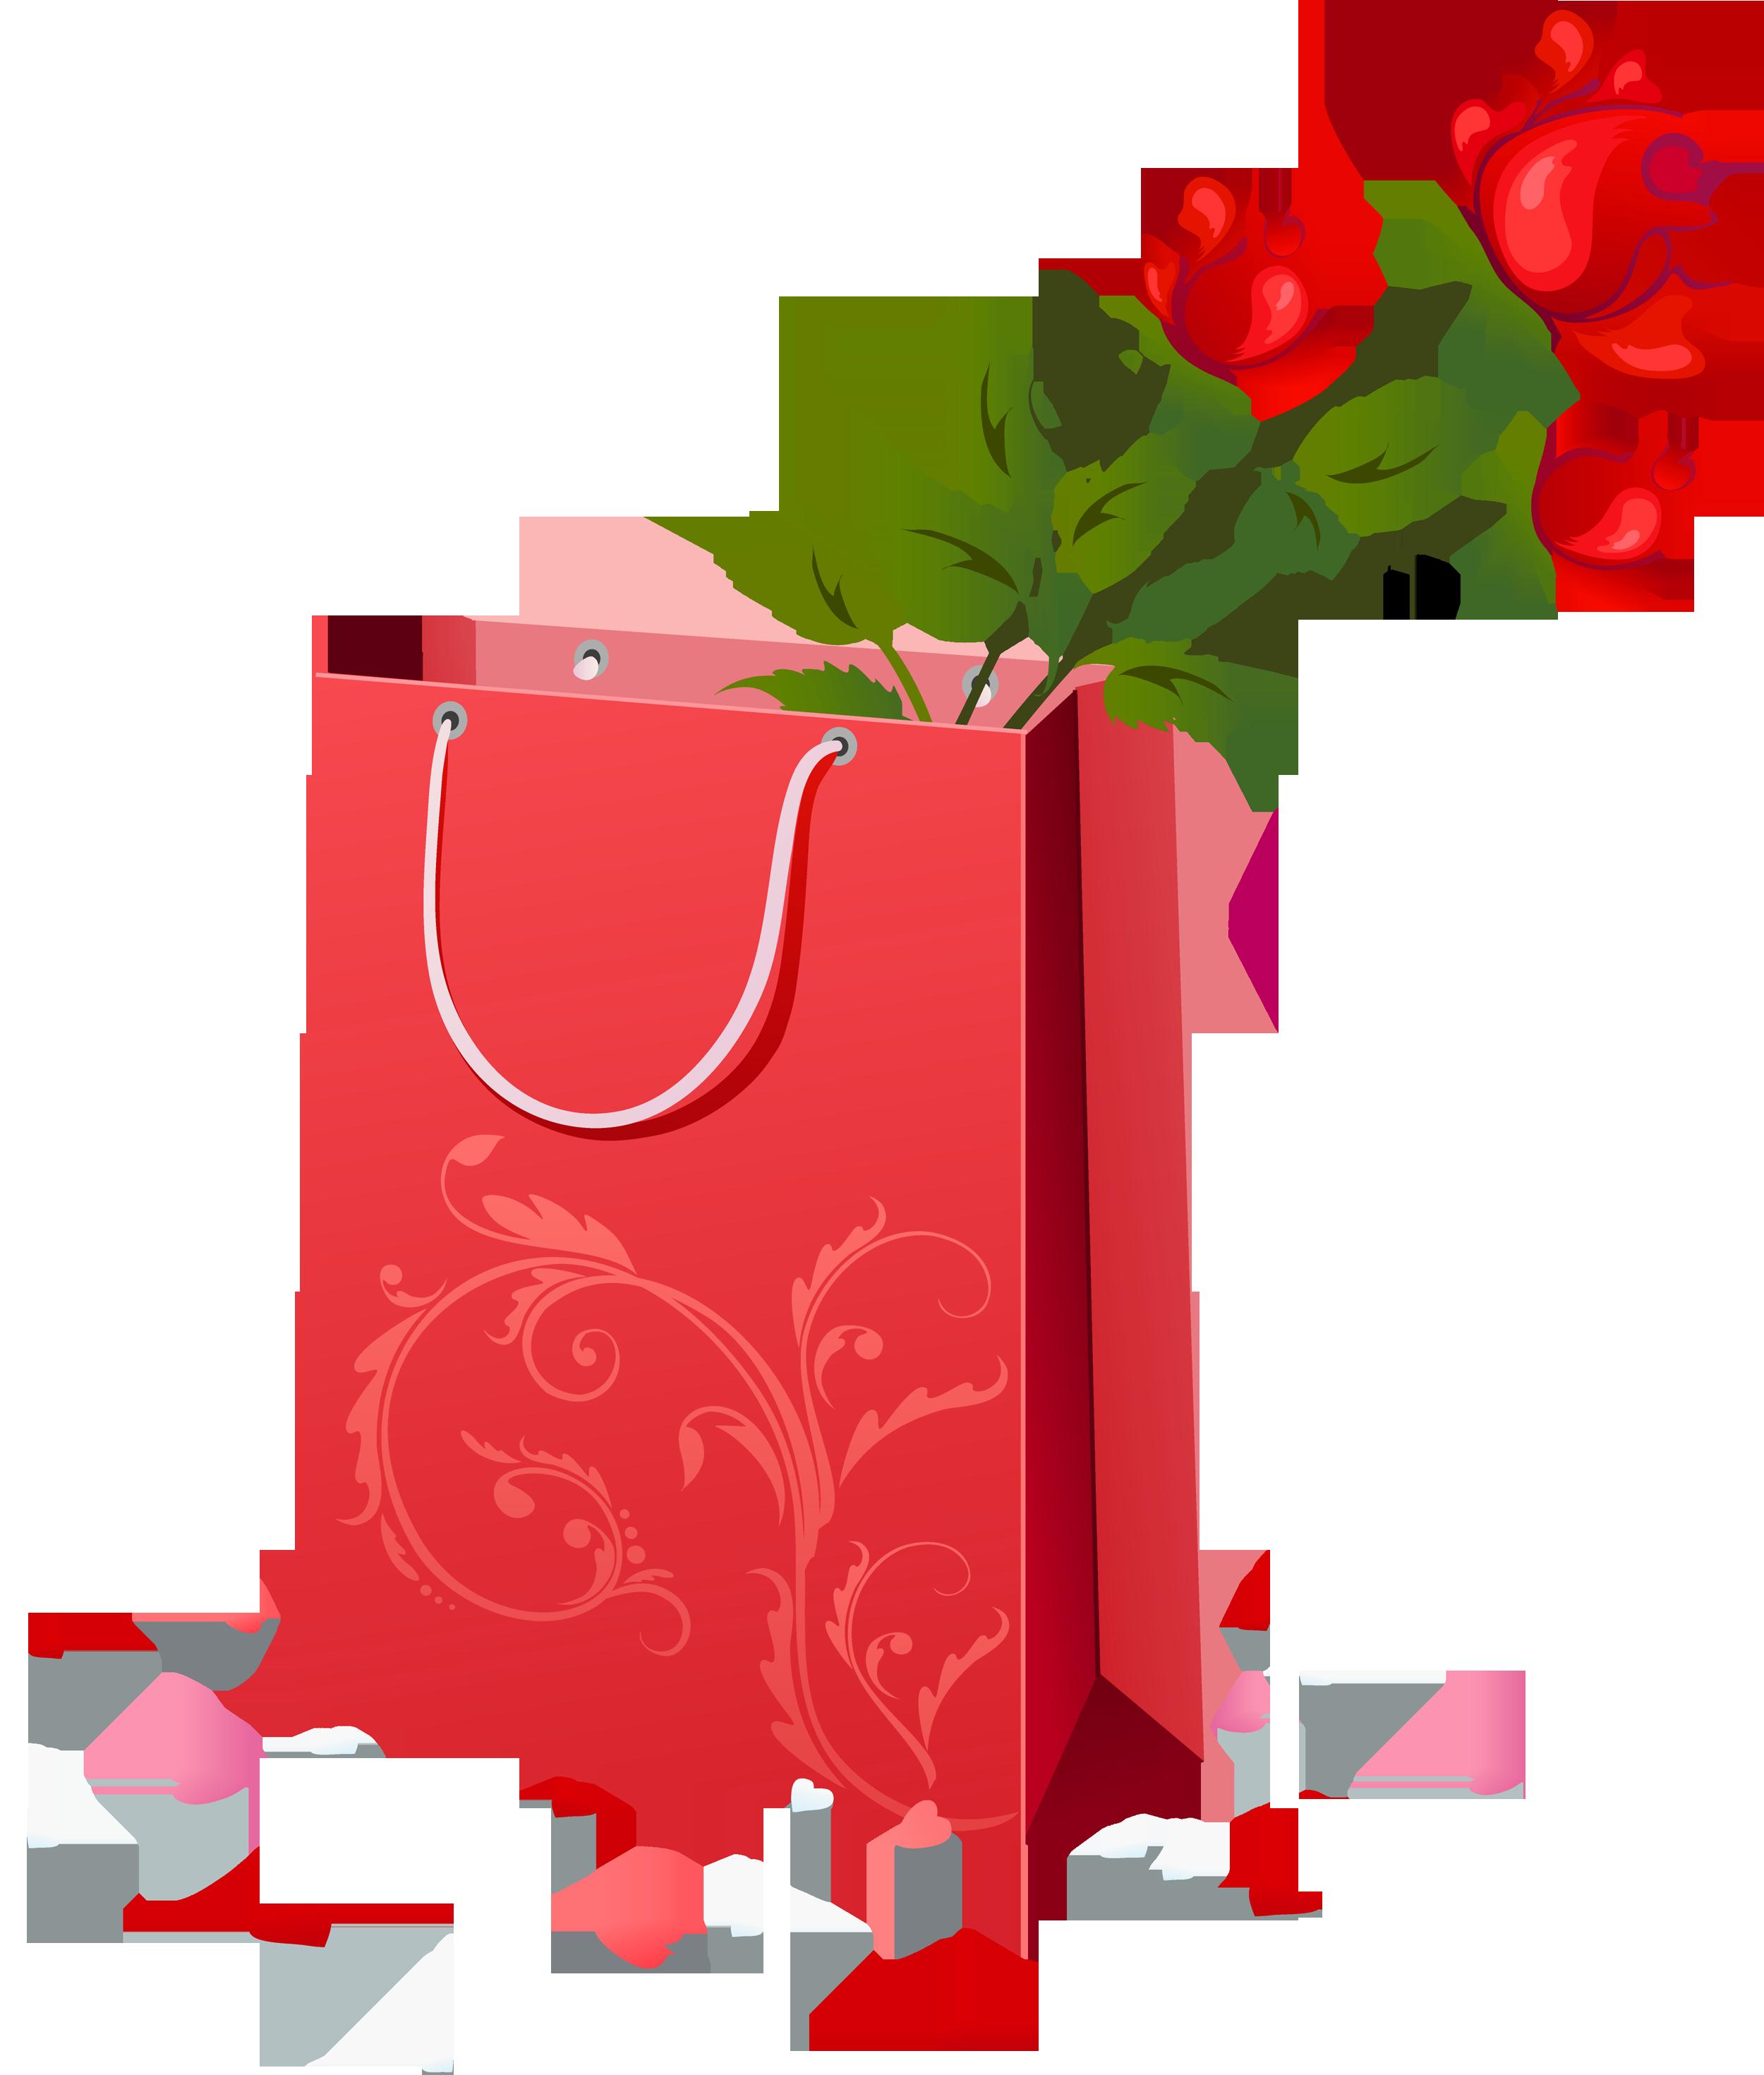 Flower clipart gift, Flower gift Transparent FREE for.